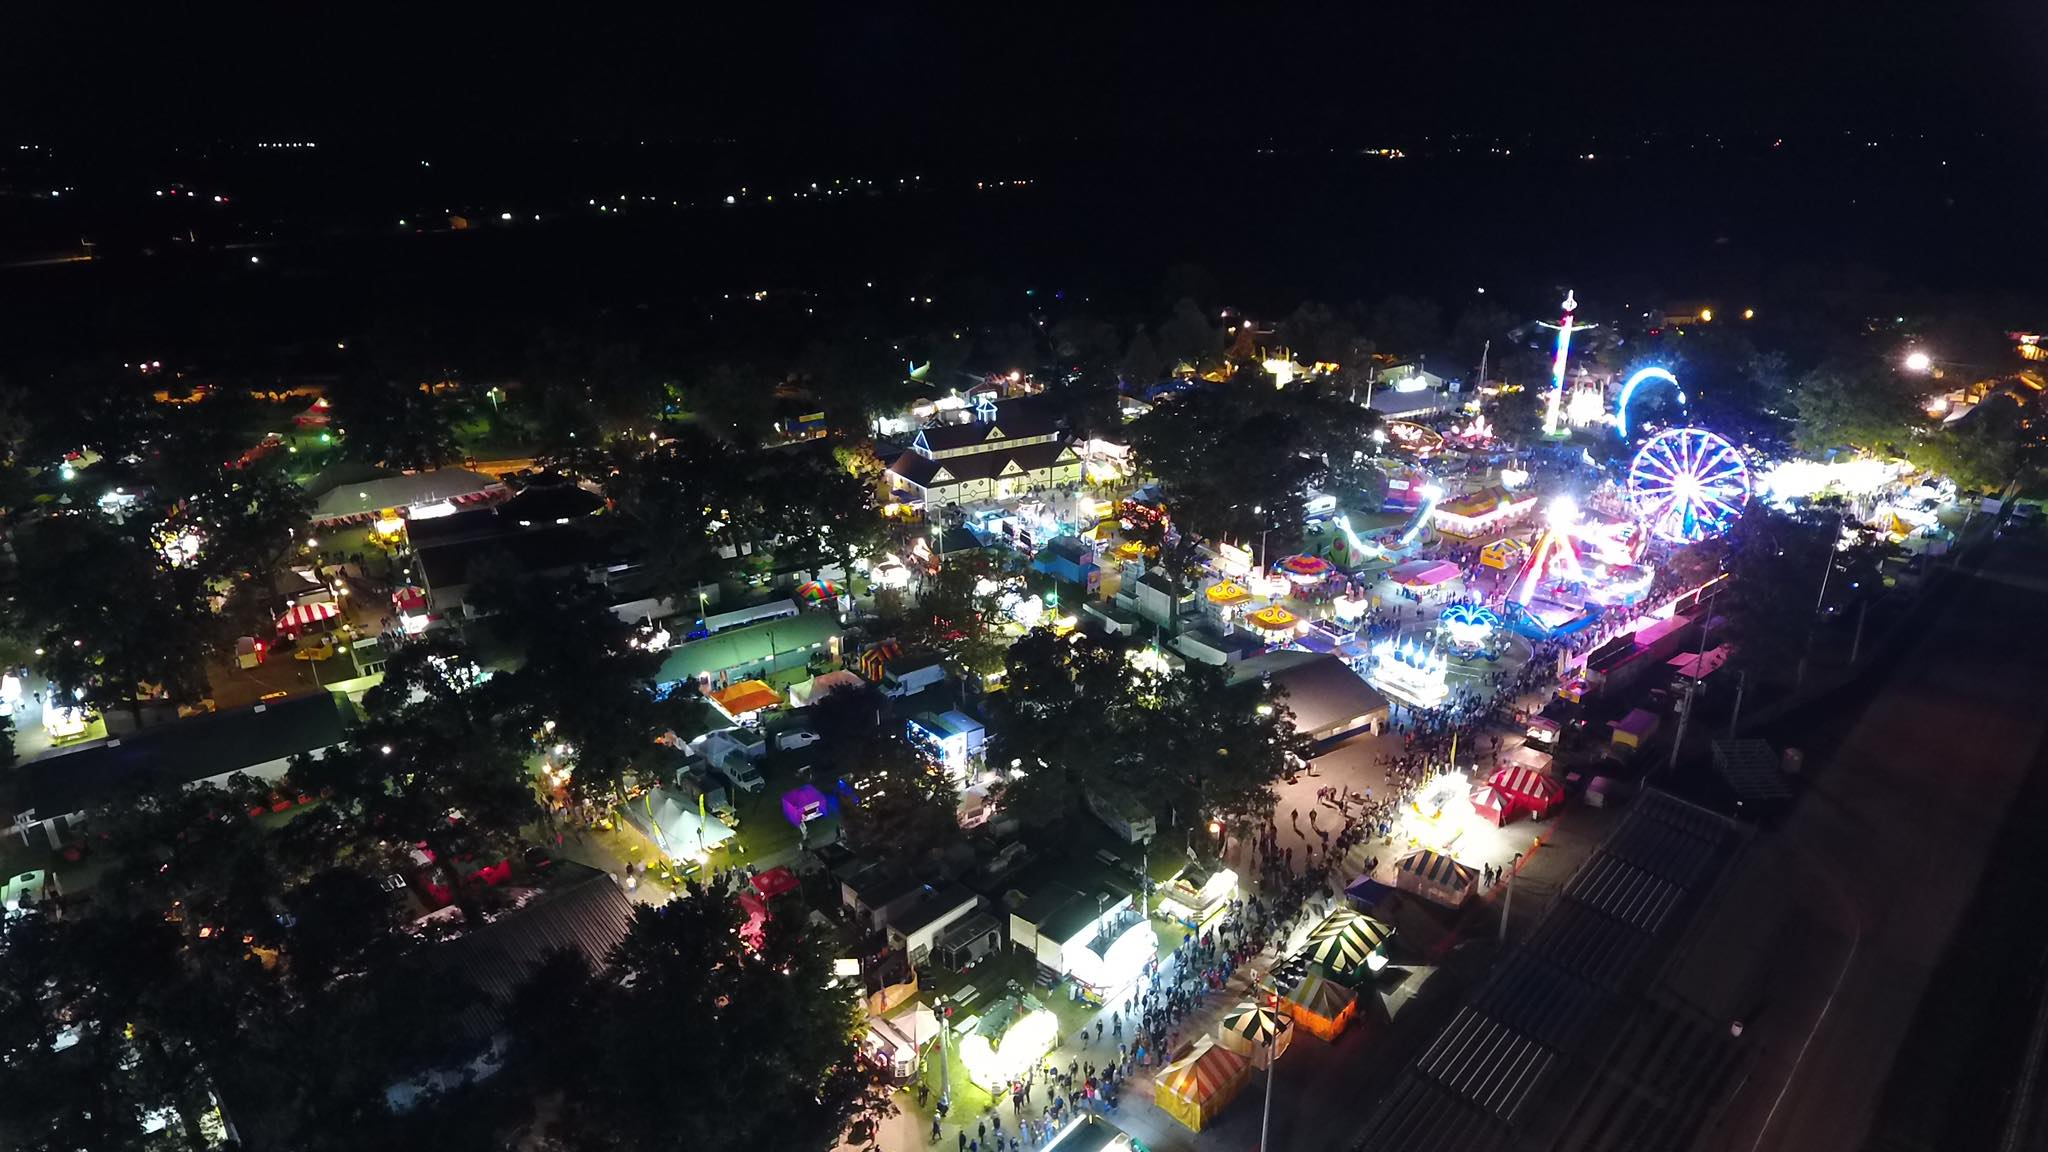 Sandwich Fair Overhead View